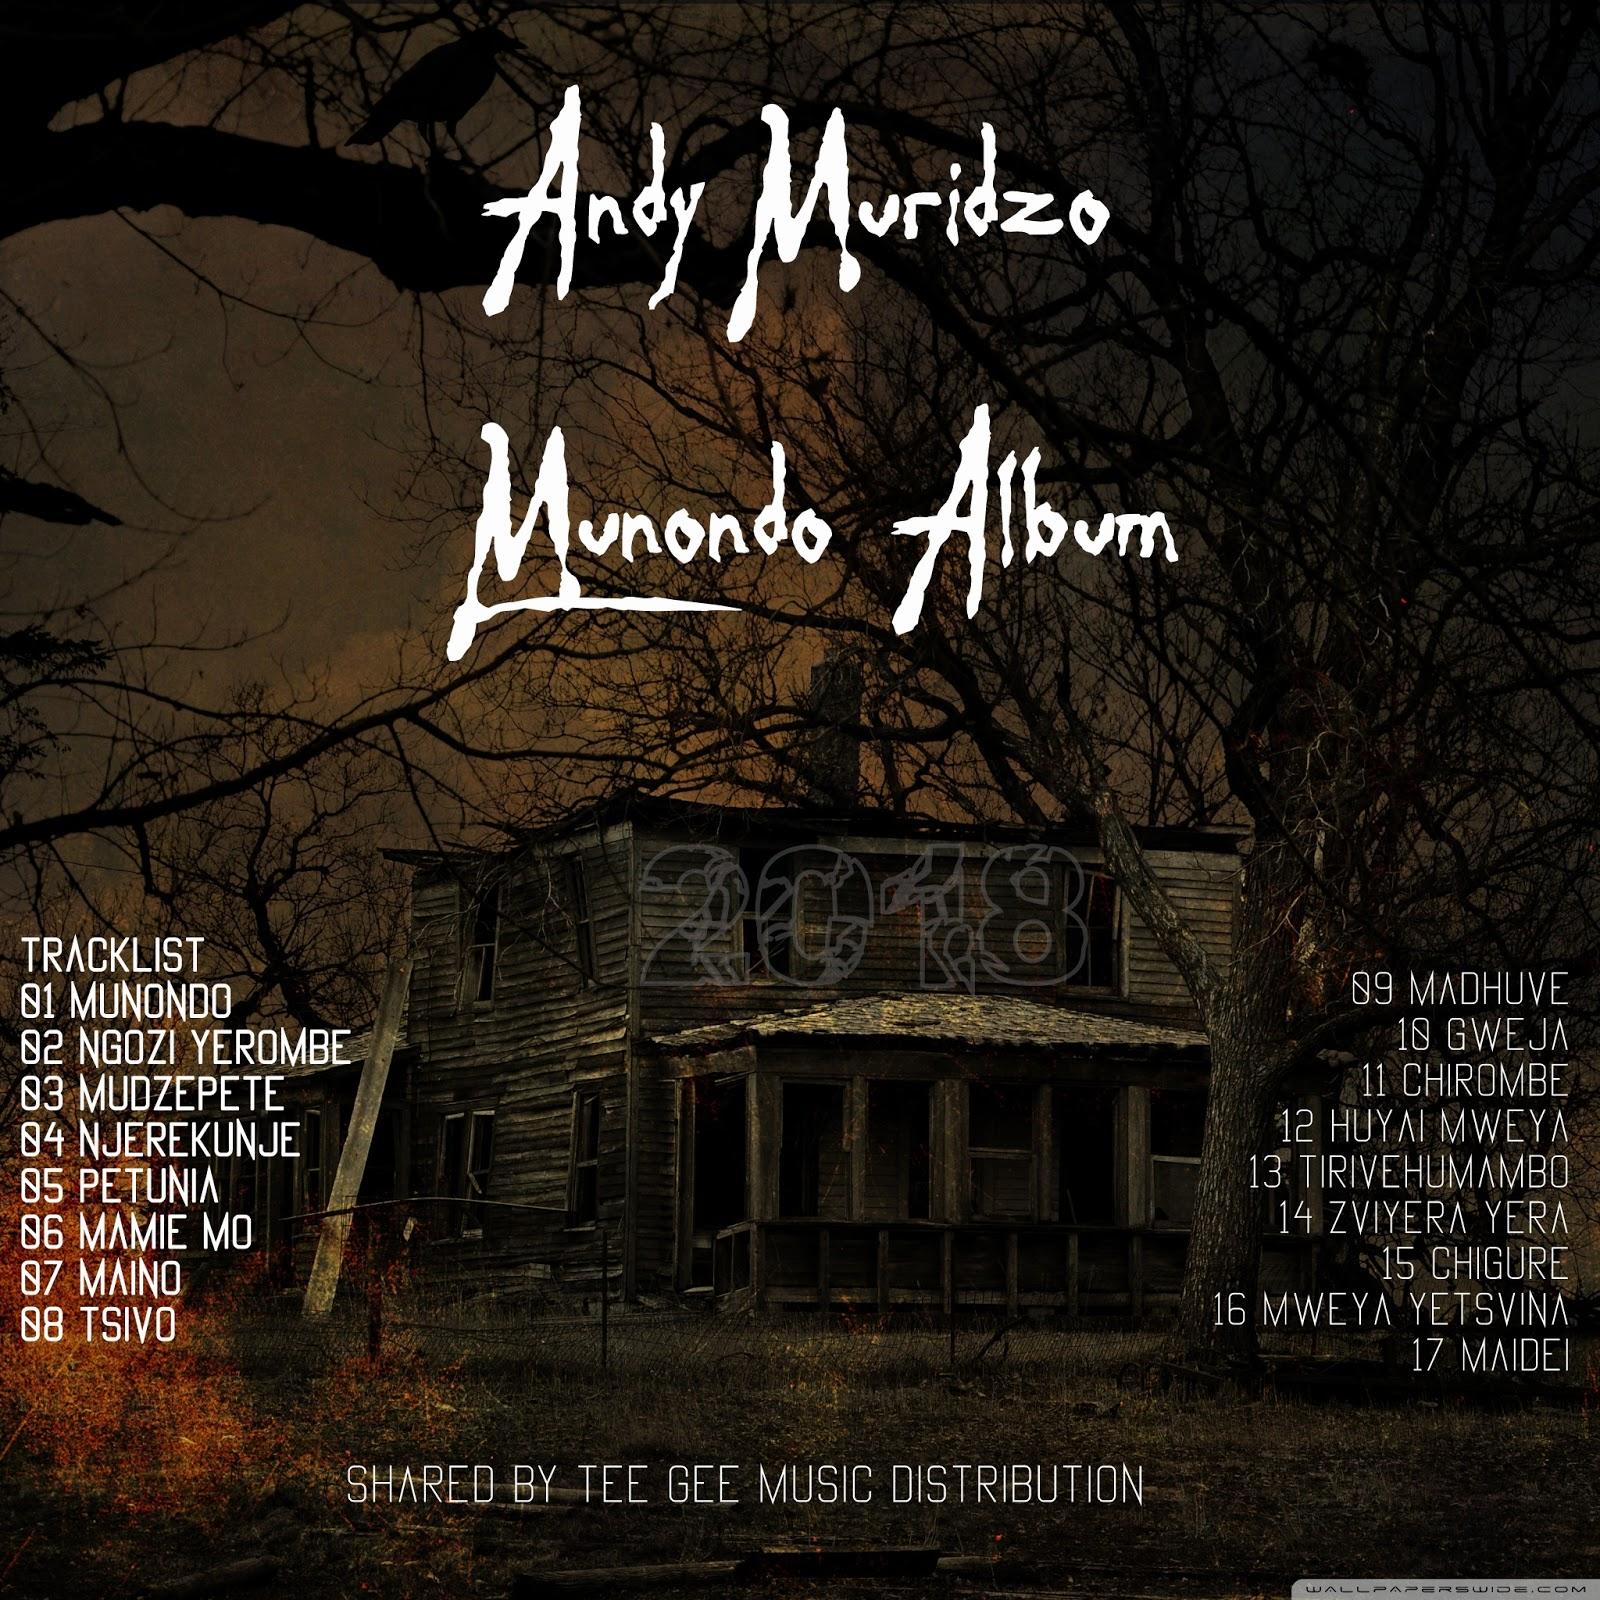 Munondo Album By Andy Muridzo 2018 Tee Gee Net